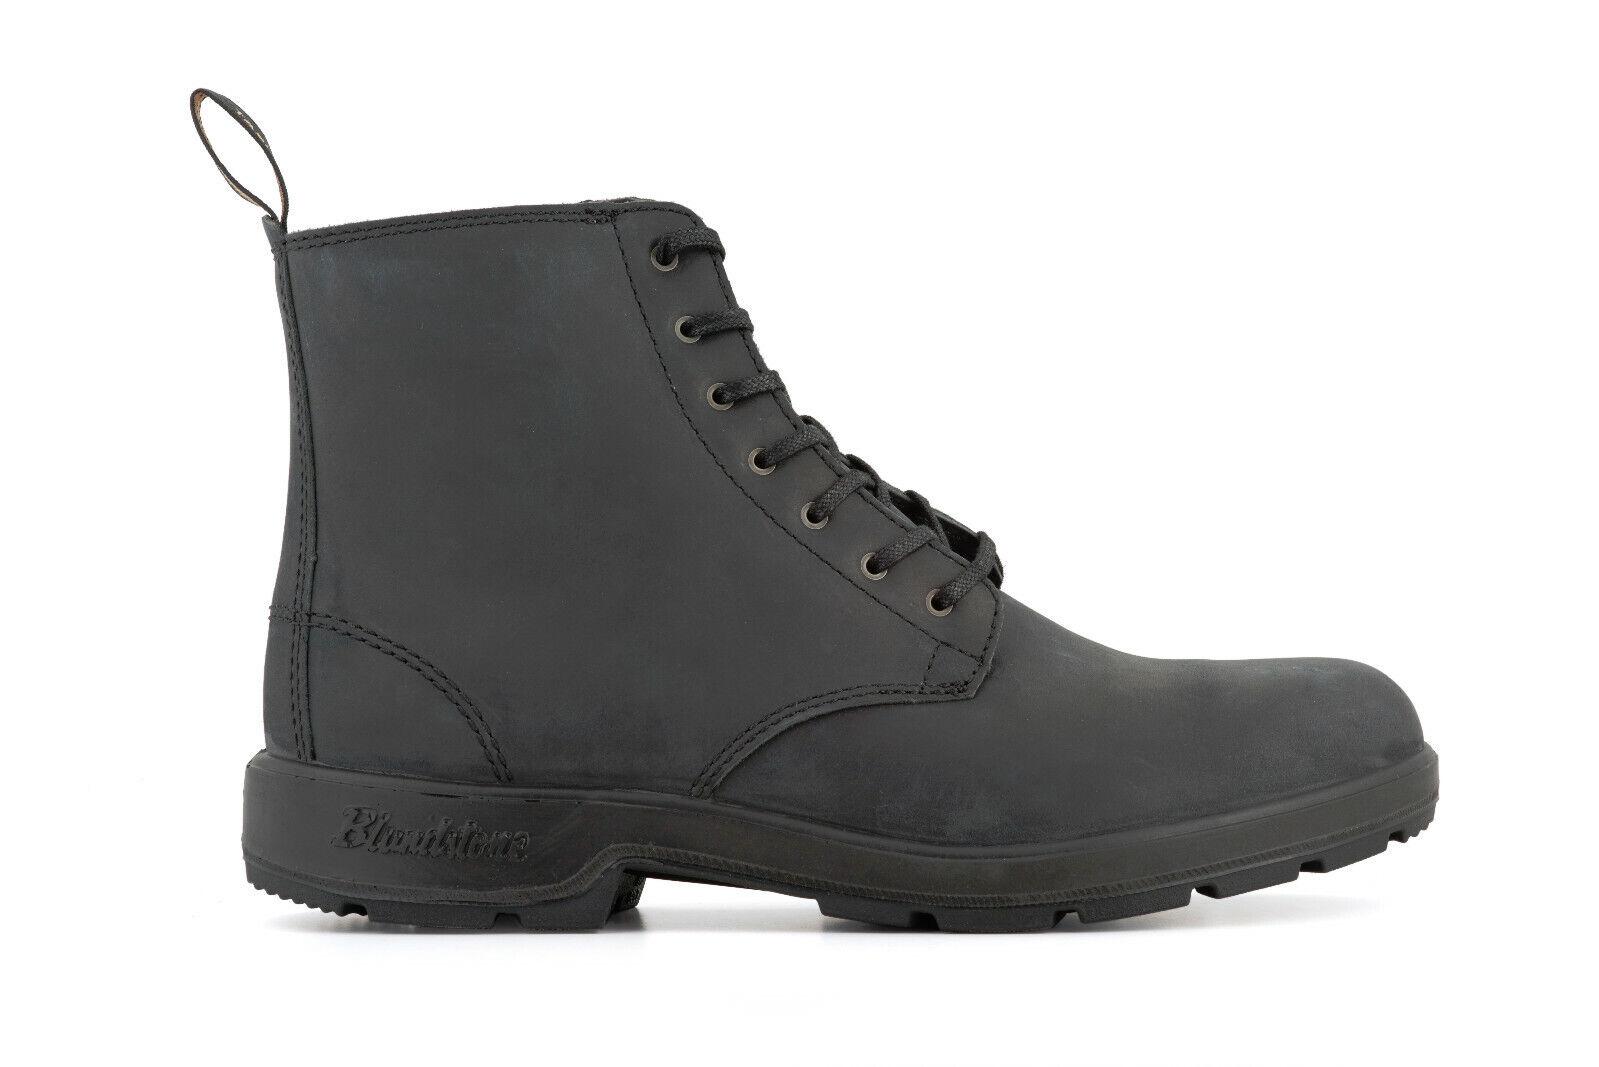 Blaundstone 1451 Schwarzes Leder Unisex Schnürer Knöchelhohe Stiefel